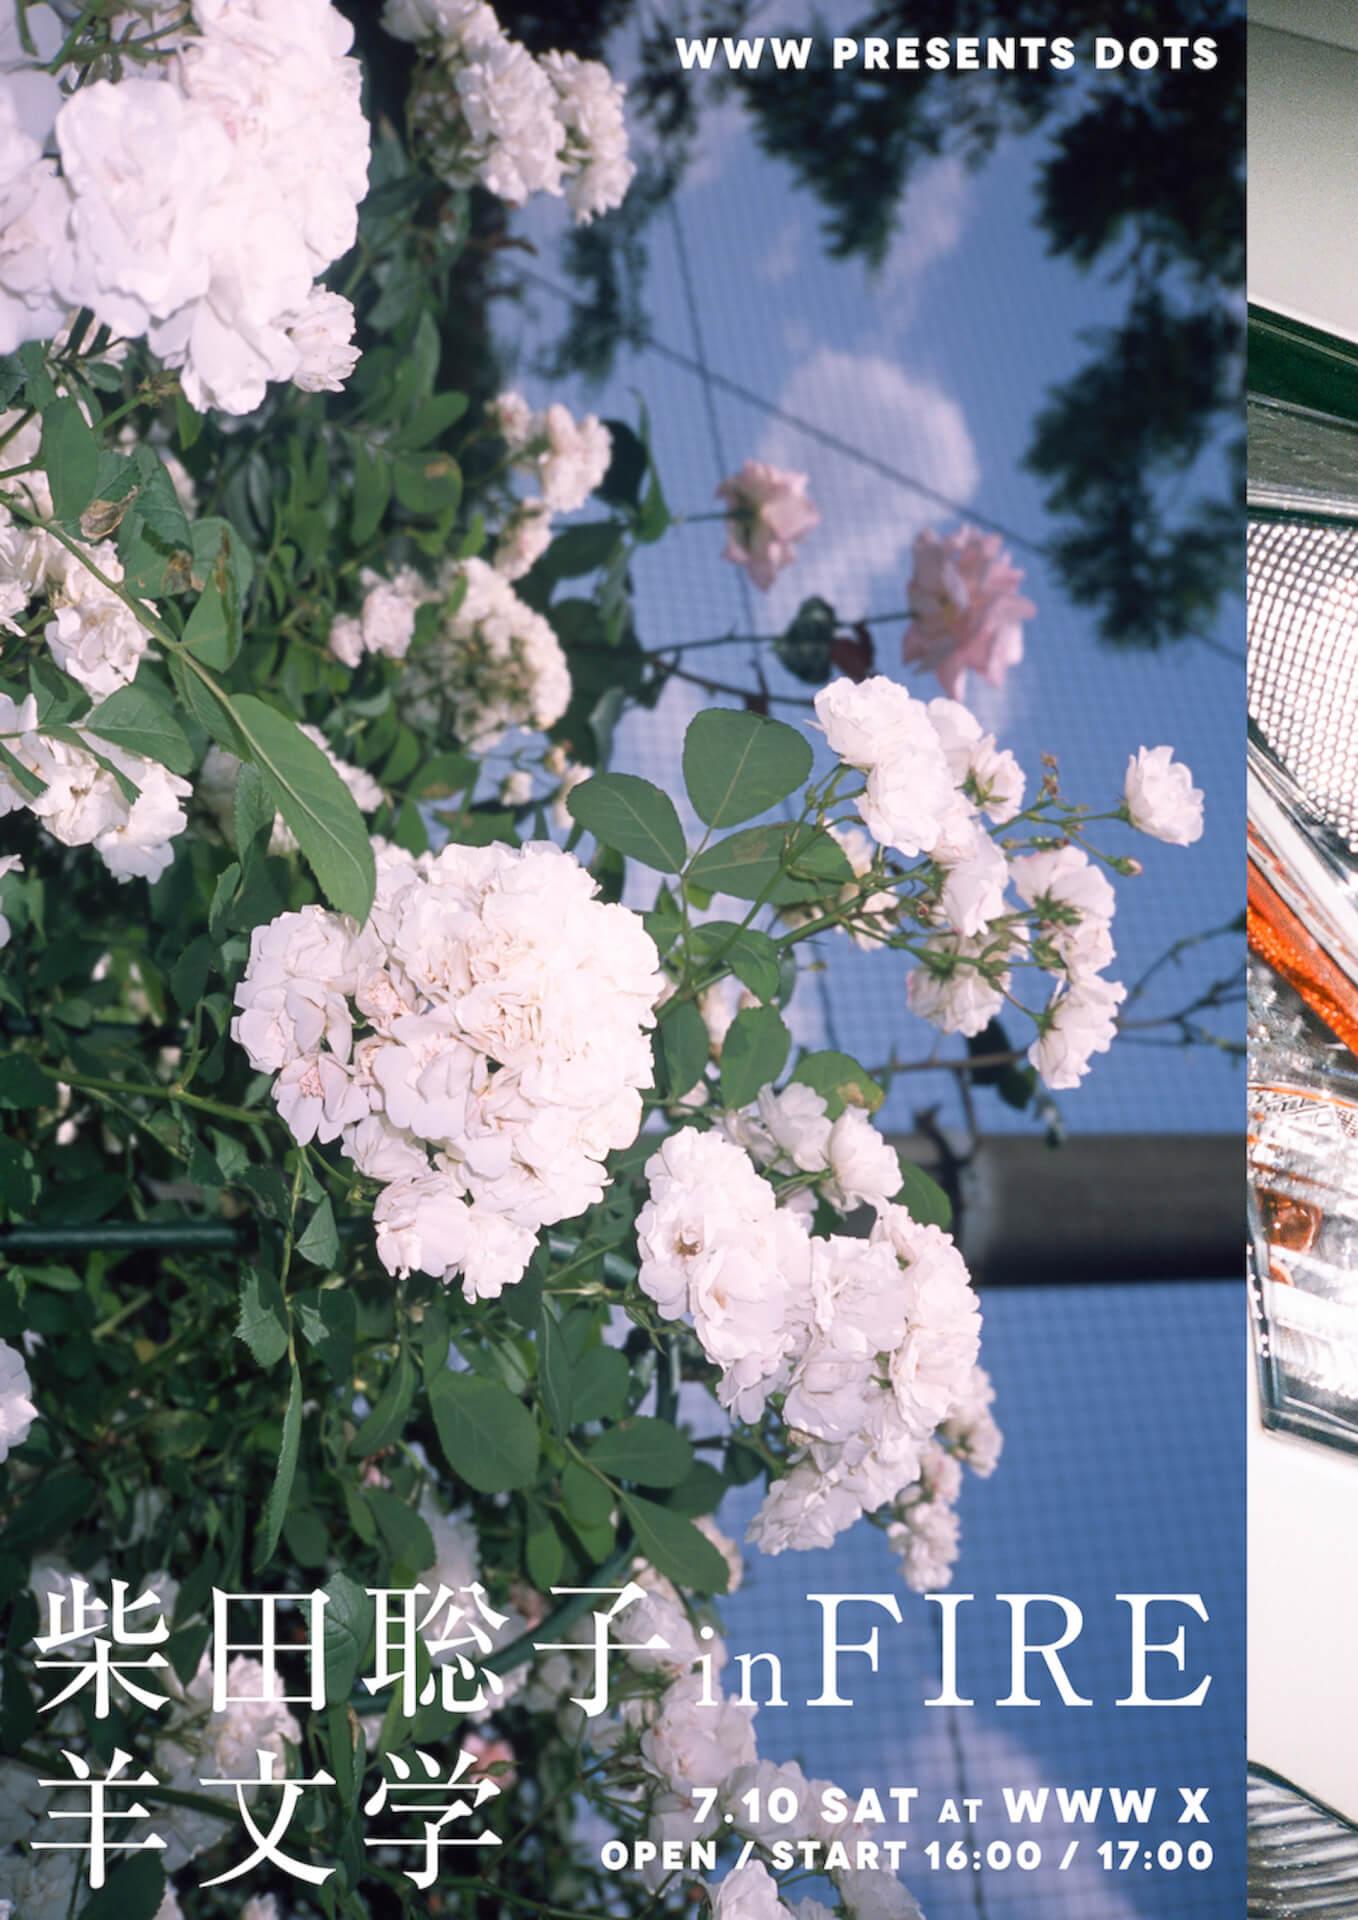 WWWの2マンシリーズイベント<dots>にて、柴田聡子inFIREと羊文学の初共演が決定! music210603_shibatasatokoinfire-hitsujibungaku_2